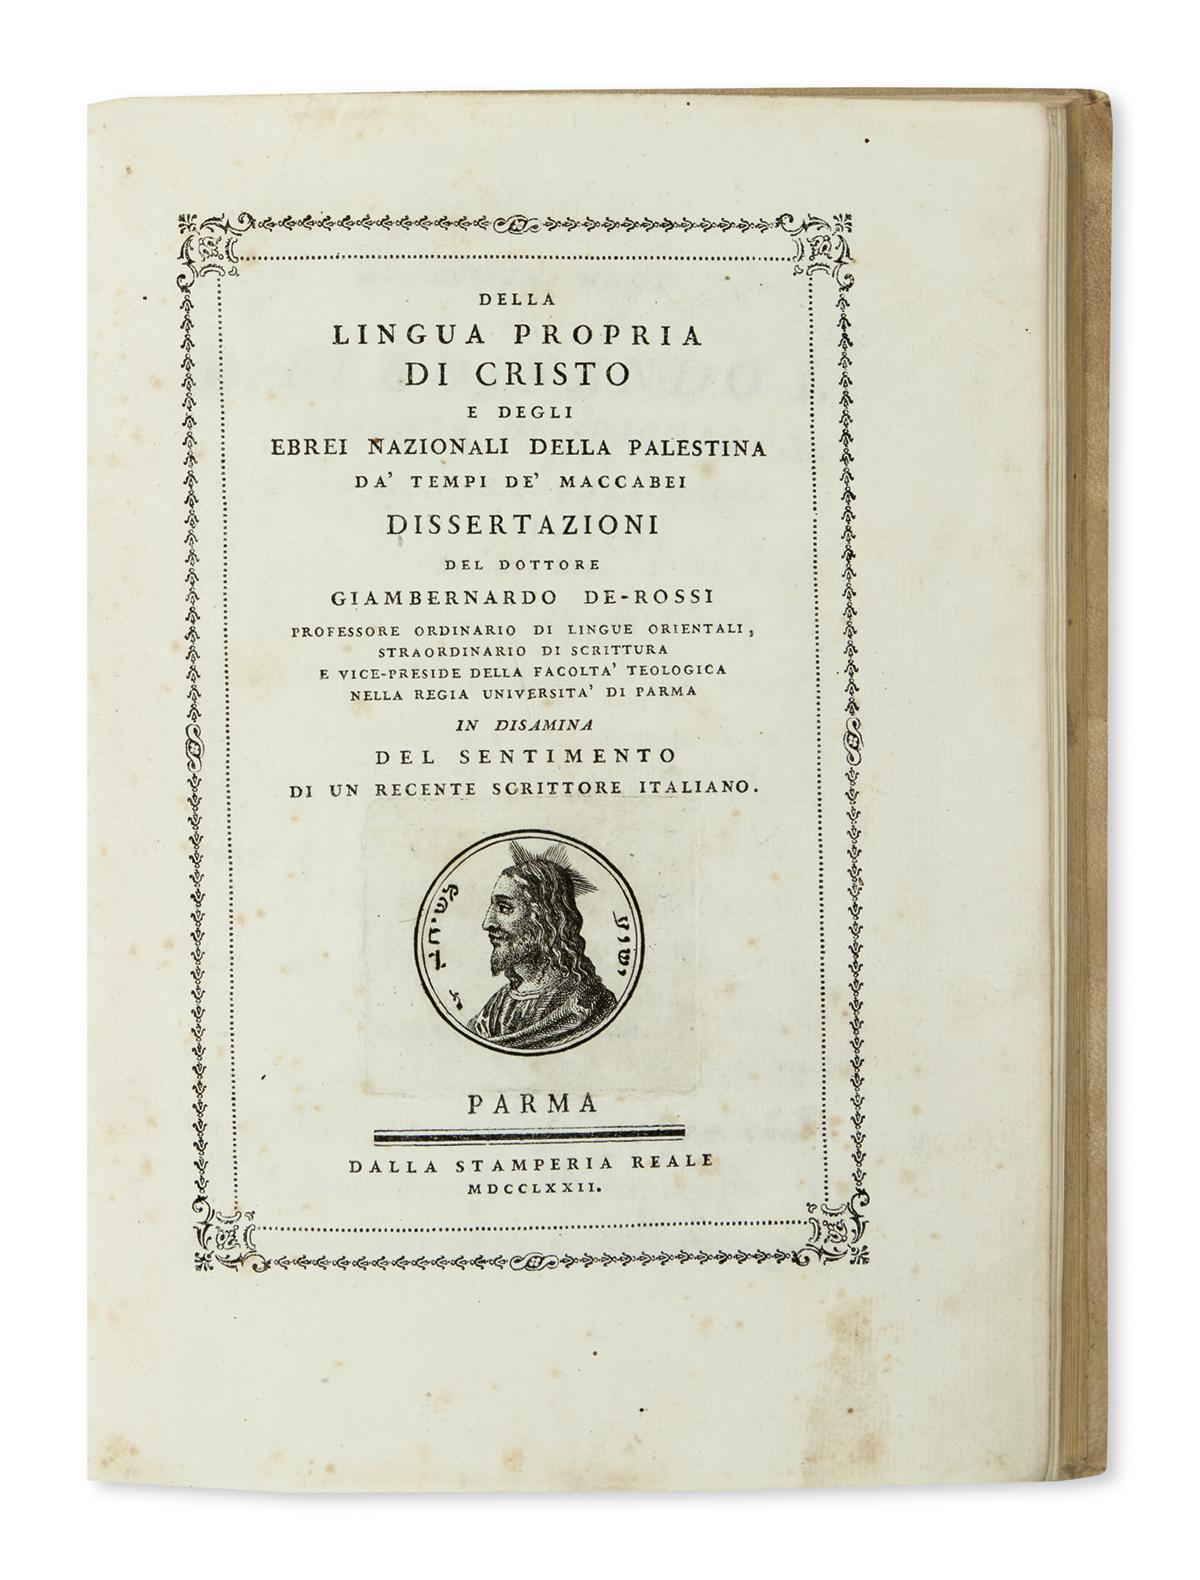 BODONI-PRESS--De-Rossi-Giovanni-Bernardo-Della-Lingua-Propri